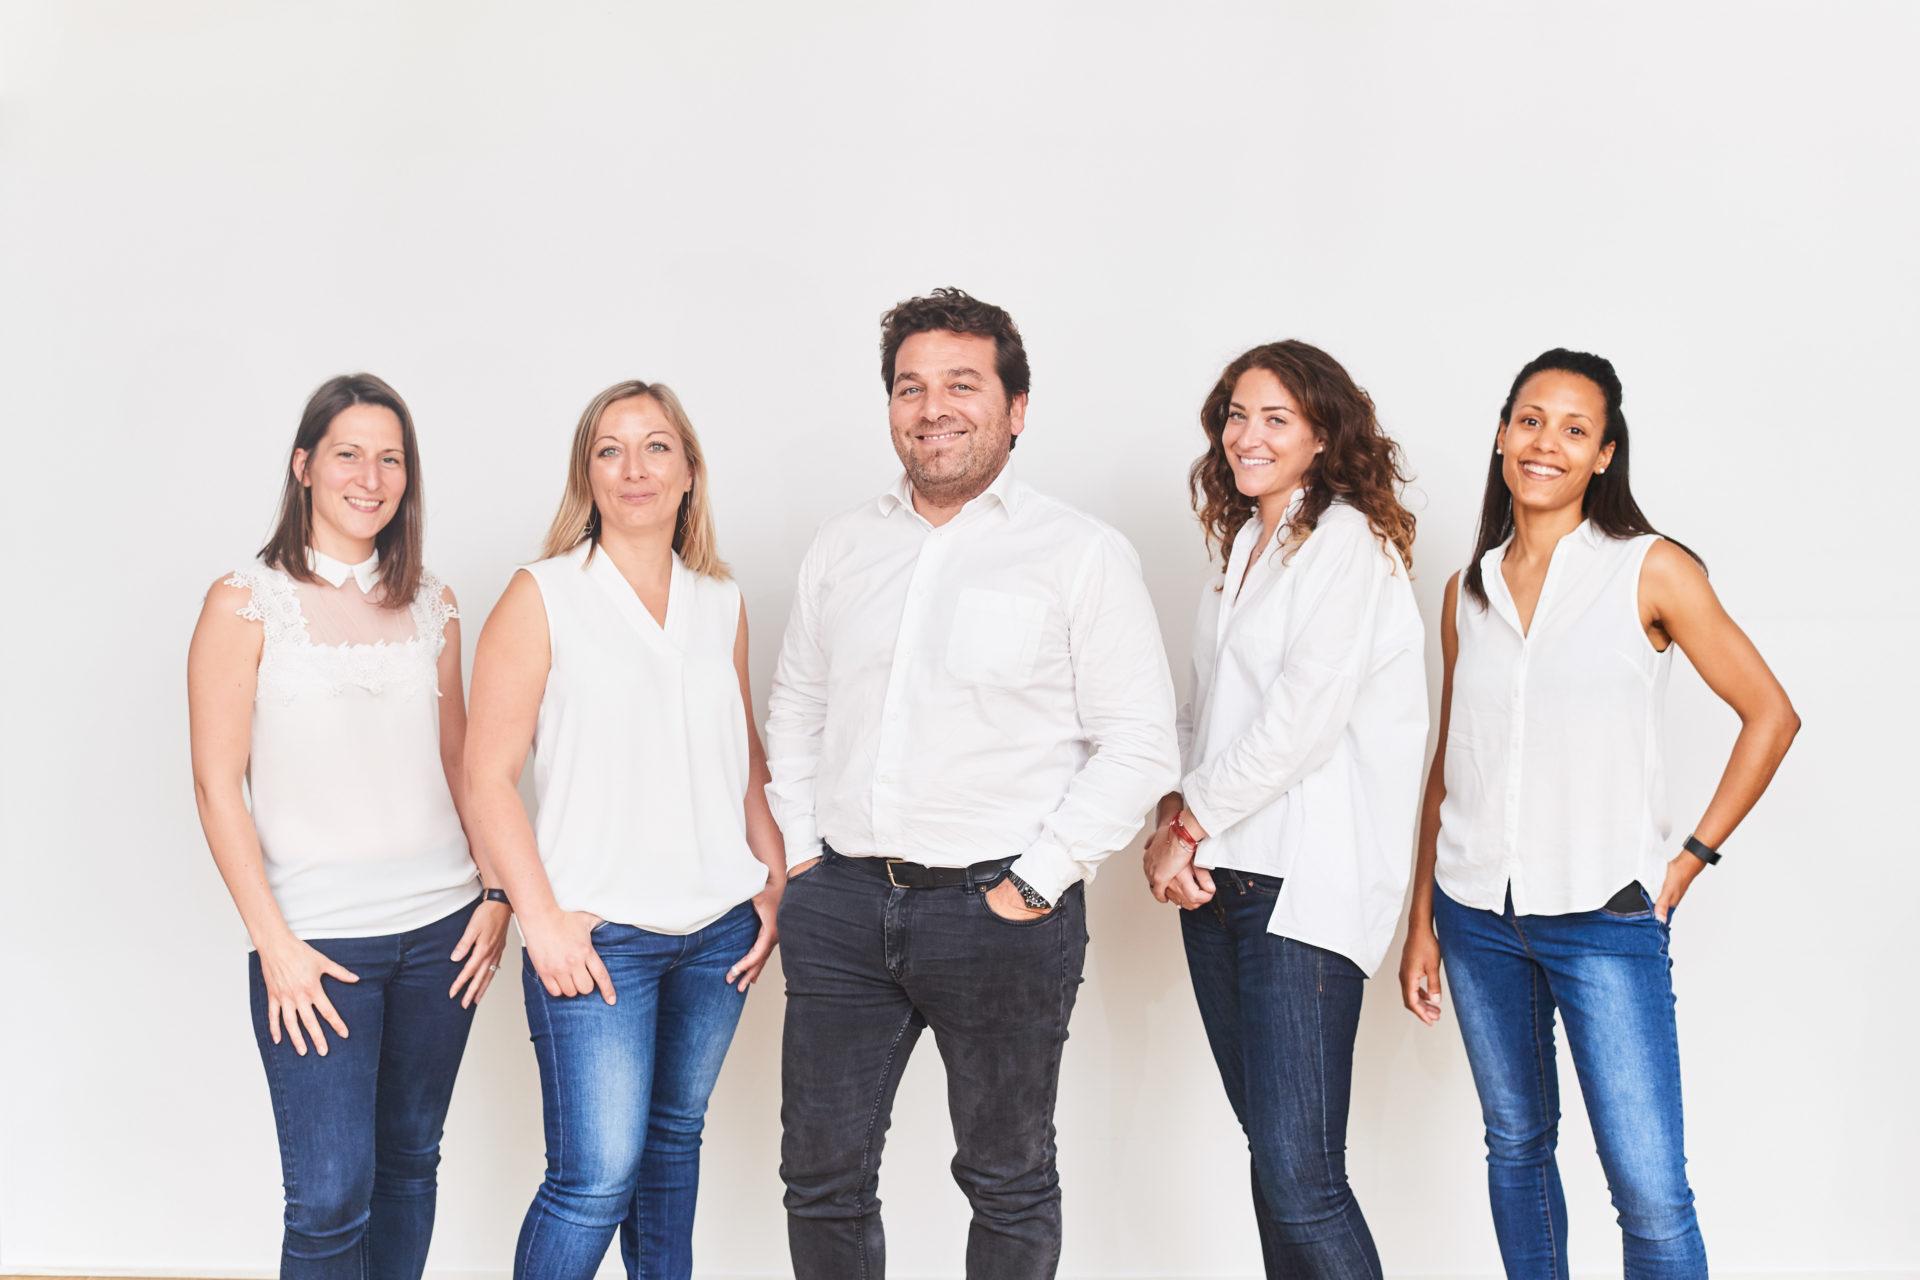 team e-maprod, Ségolène Vuillaume, Laura Cneuvels, Stéphane Benaym, Melissa Simba et Anouk Hirschfeld